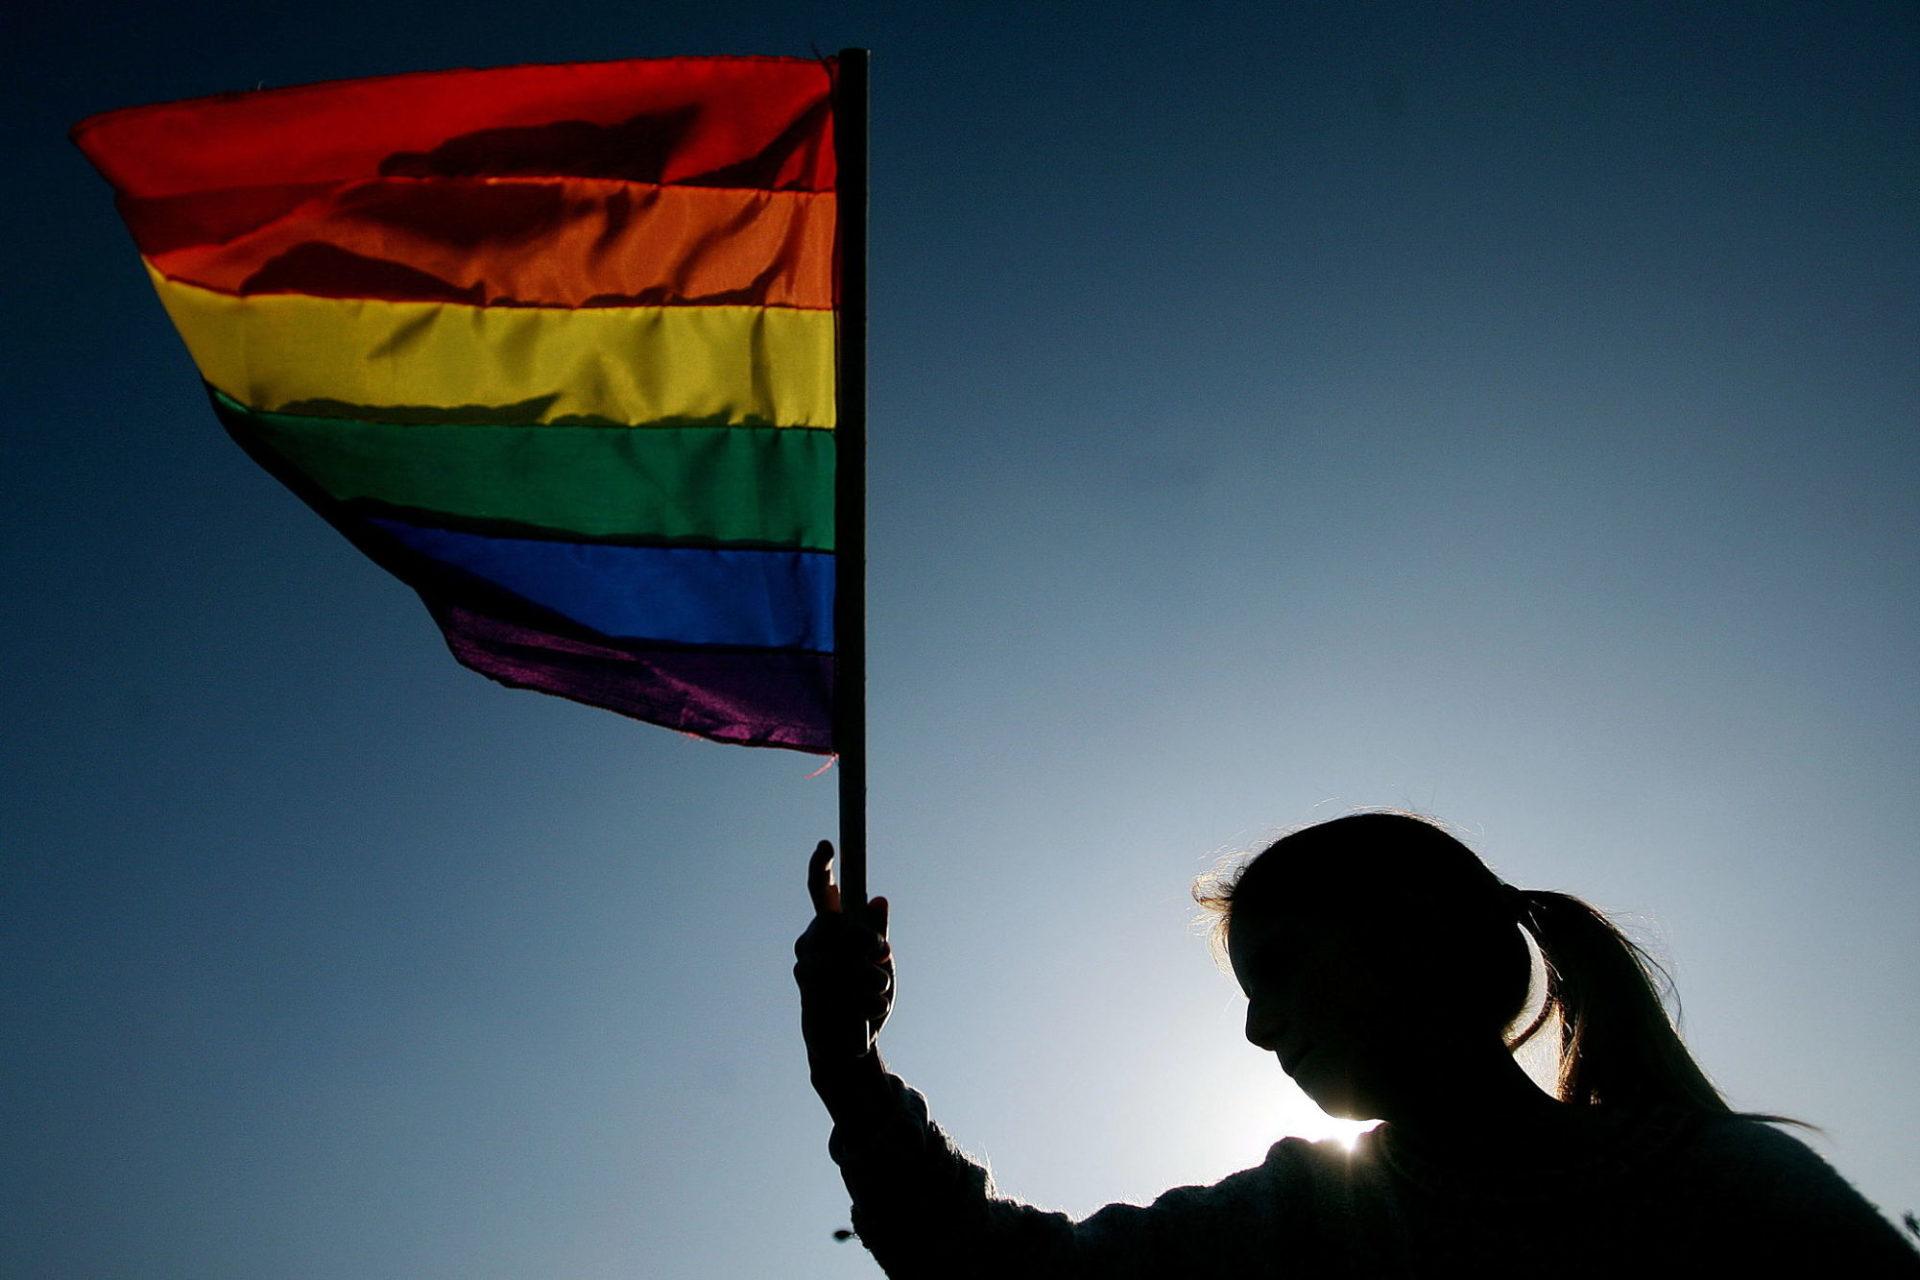 EFE-Igualdad-Tolerencia-Bandera-LGTBiQ-RecursoBBVA